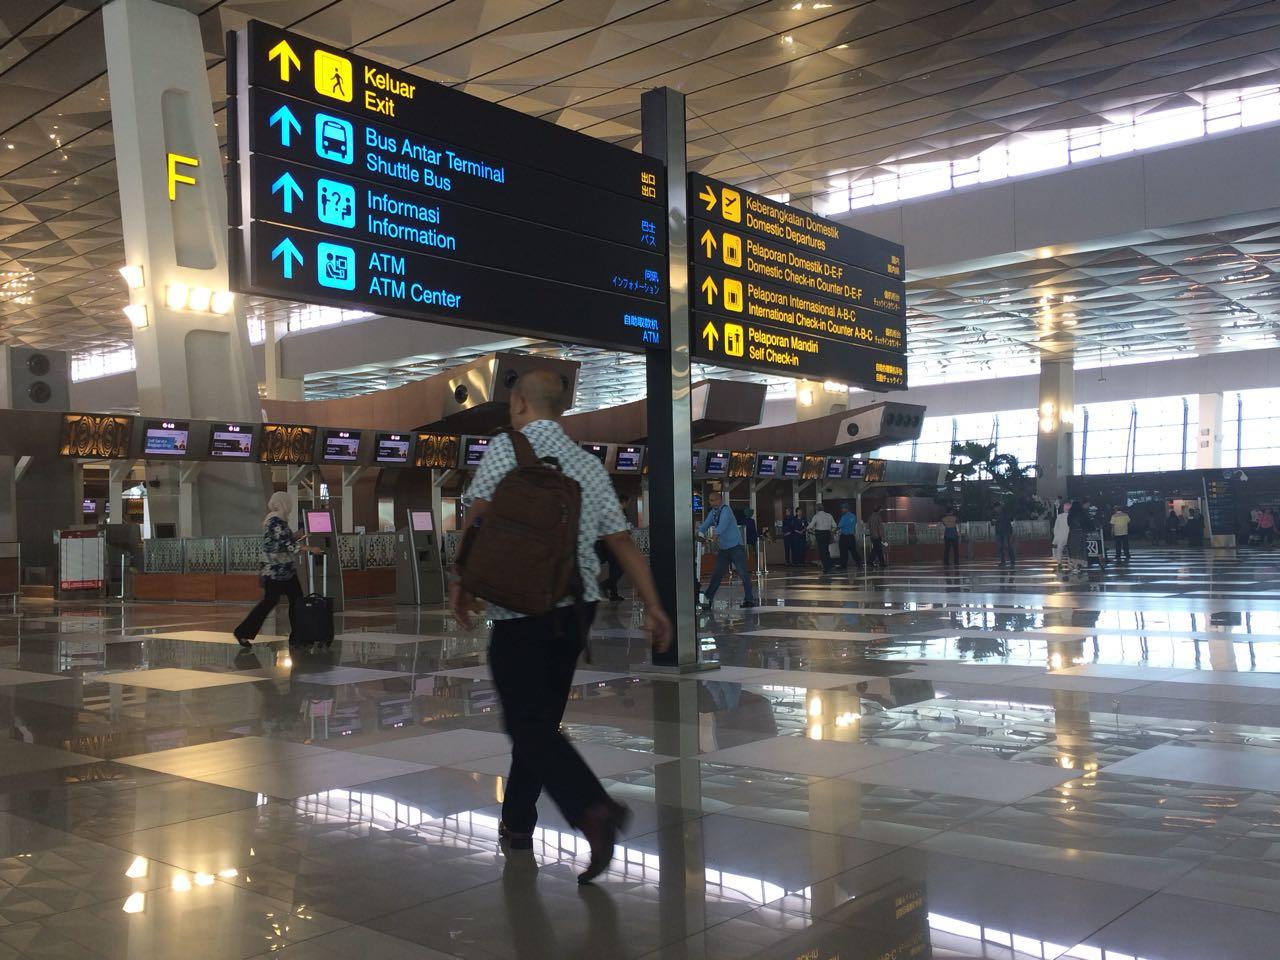 https: img-k.okeinfo.net content 2020 01 01 320 2148225 bandara-soetta-siap-tampung-pengalihan-penerbangan-dari-halim-2FKut0yPkQ.jpg